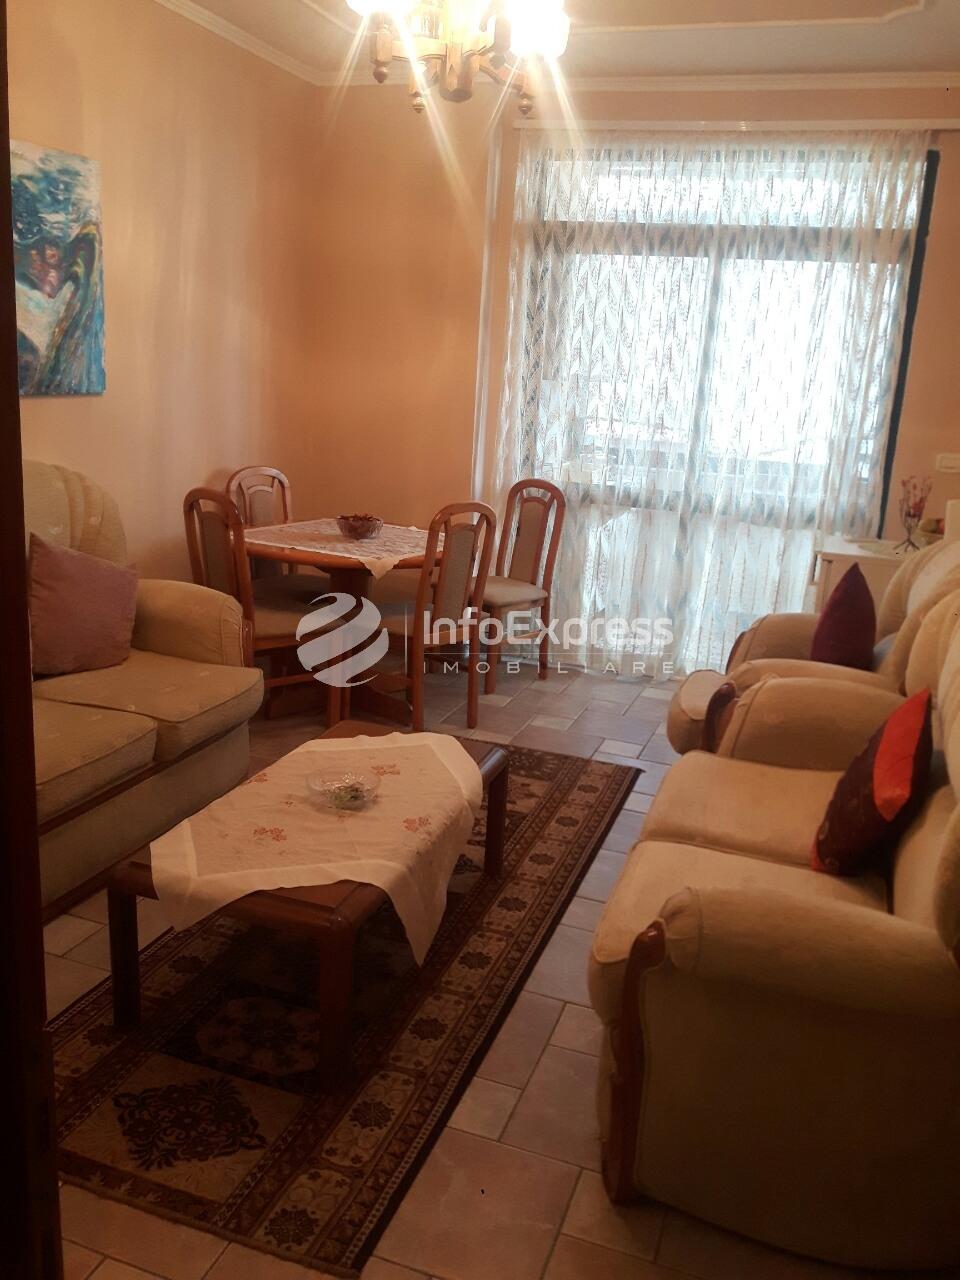 """TRR-217-629 Apartment 1+1 for rent, at """"Gjergj Fishta"""" Boulevard."""